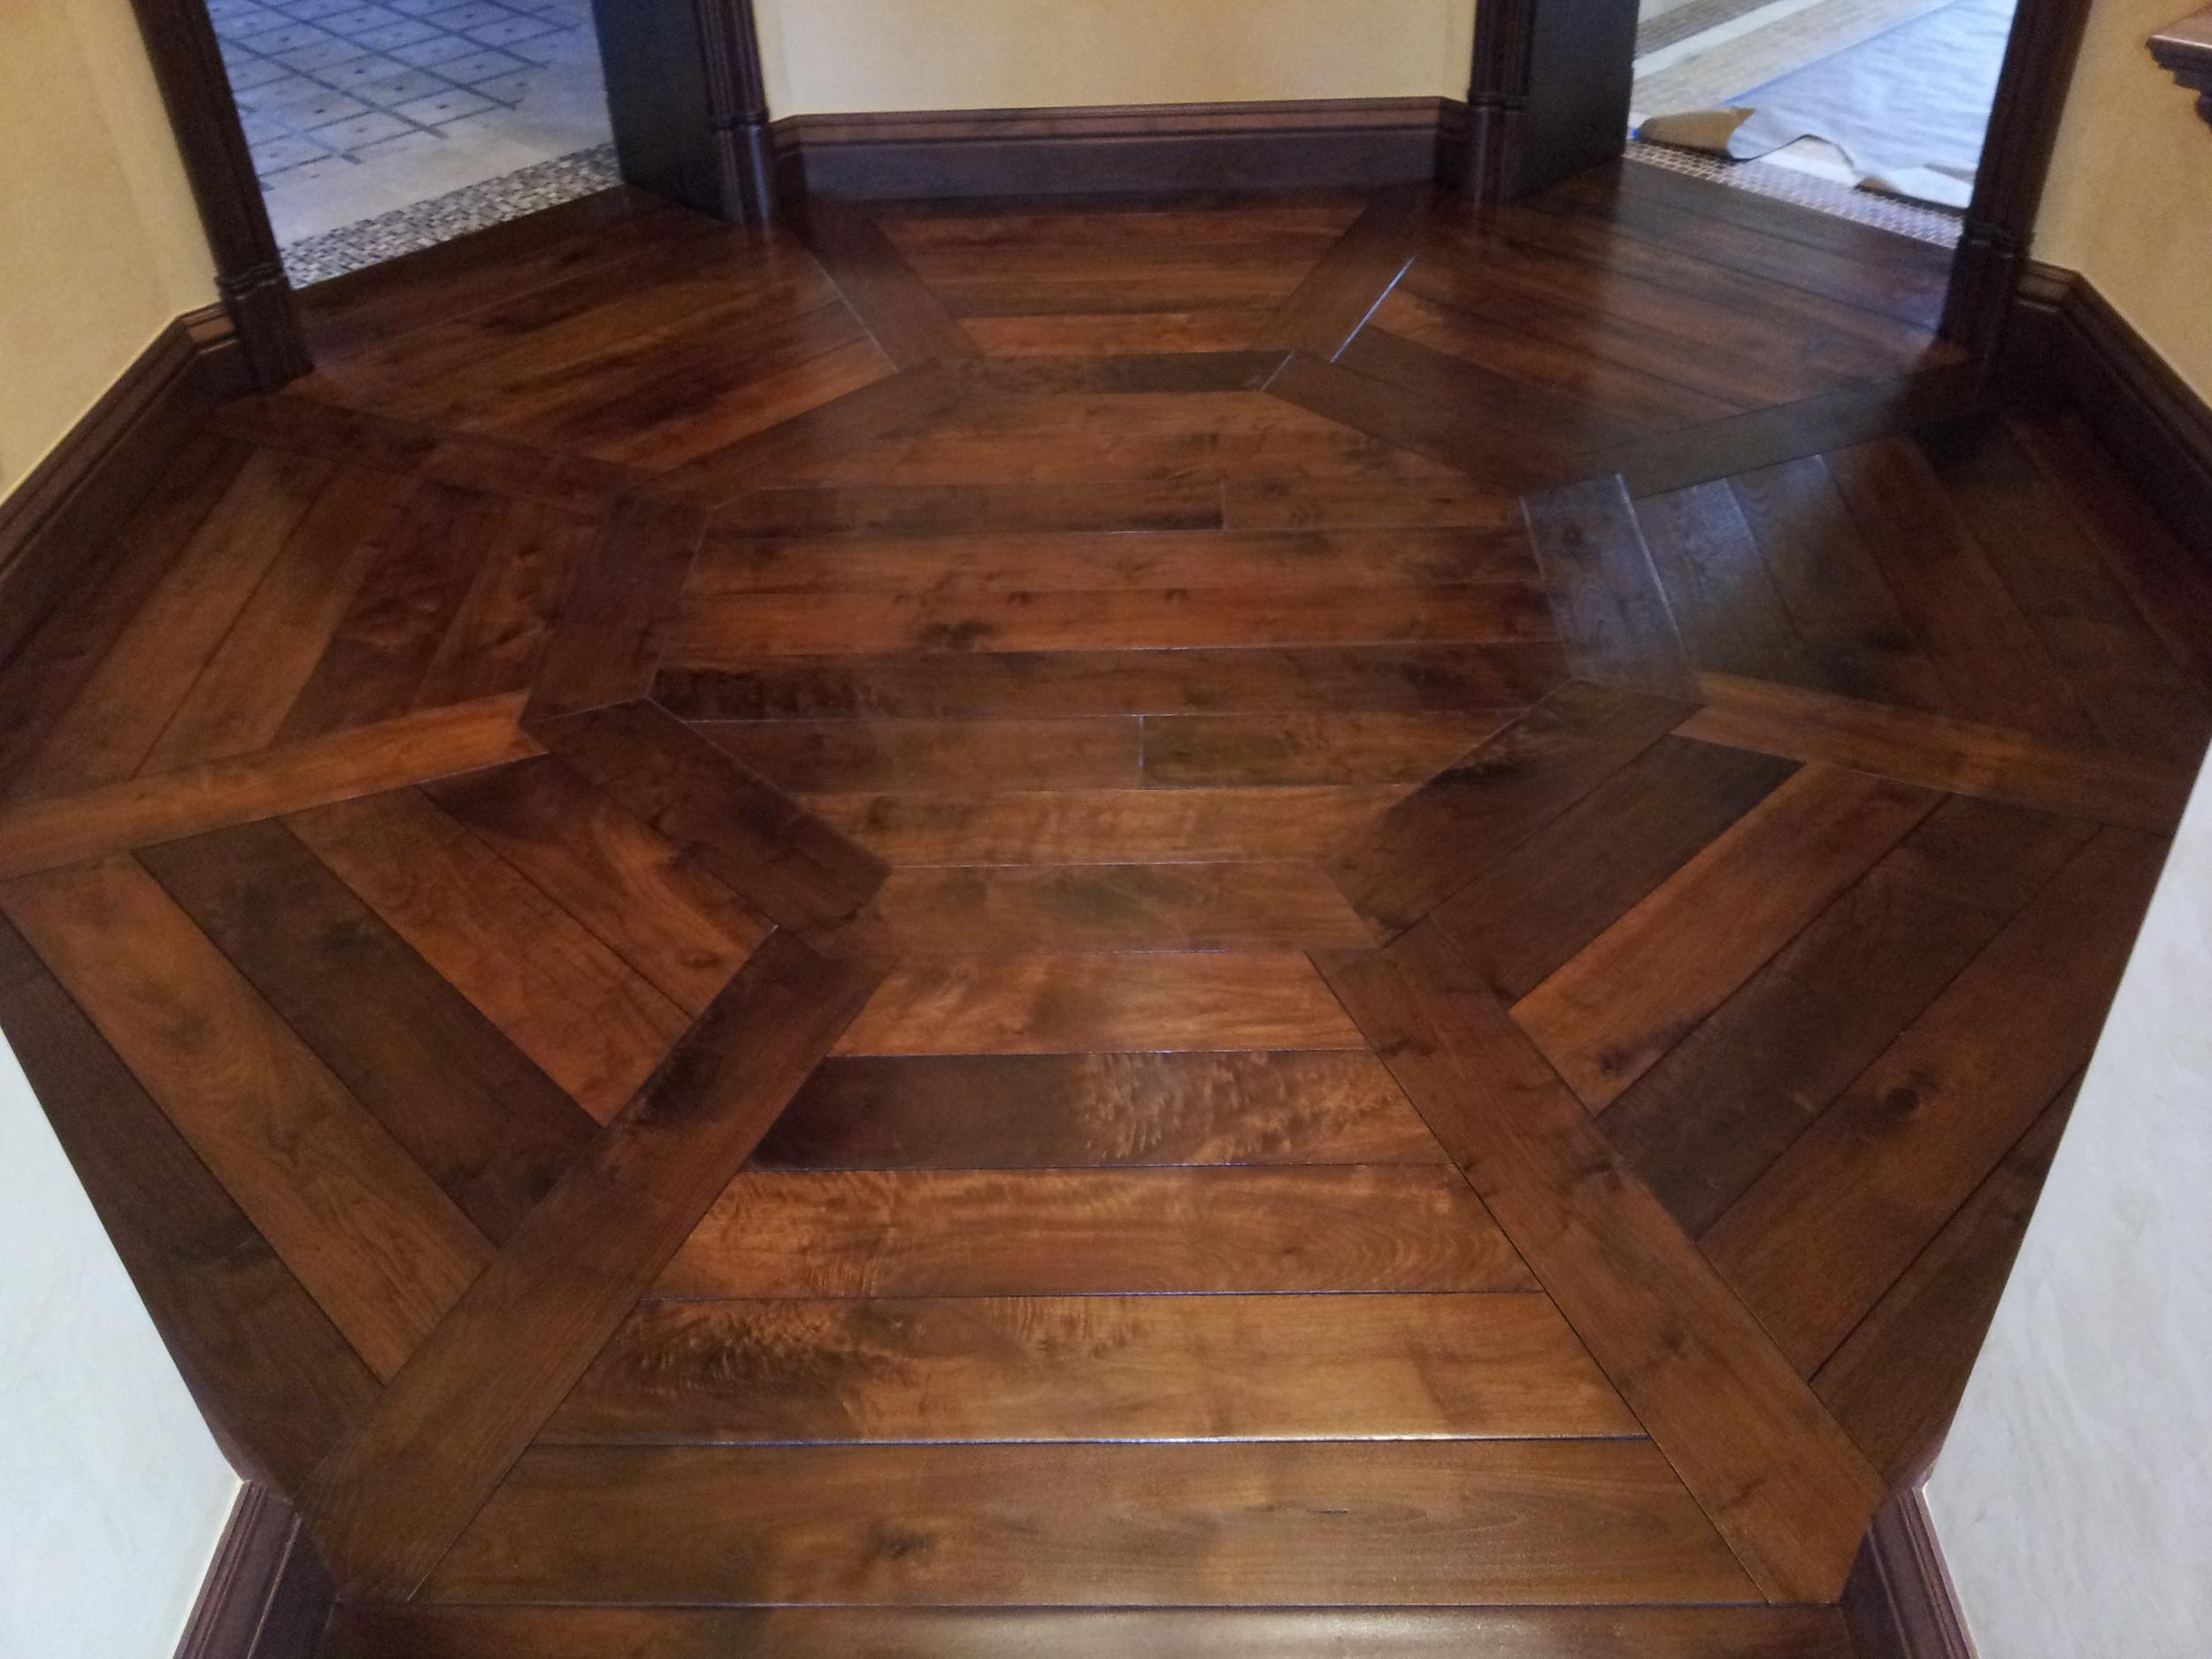 Octagon flooring pattern